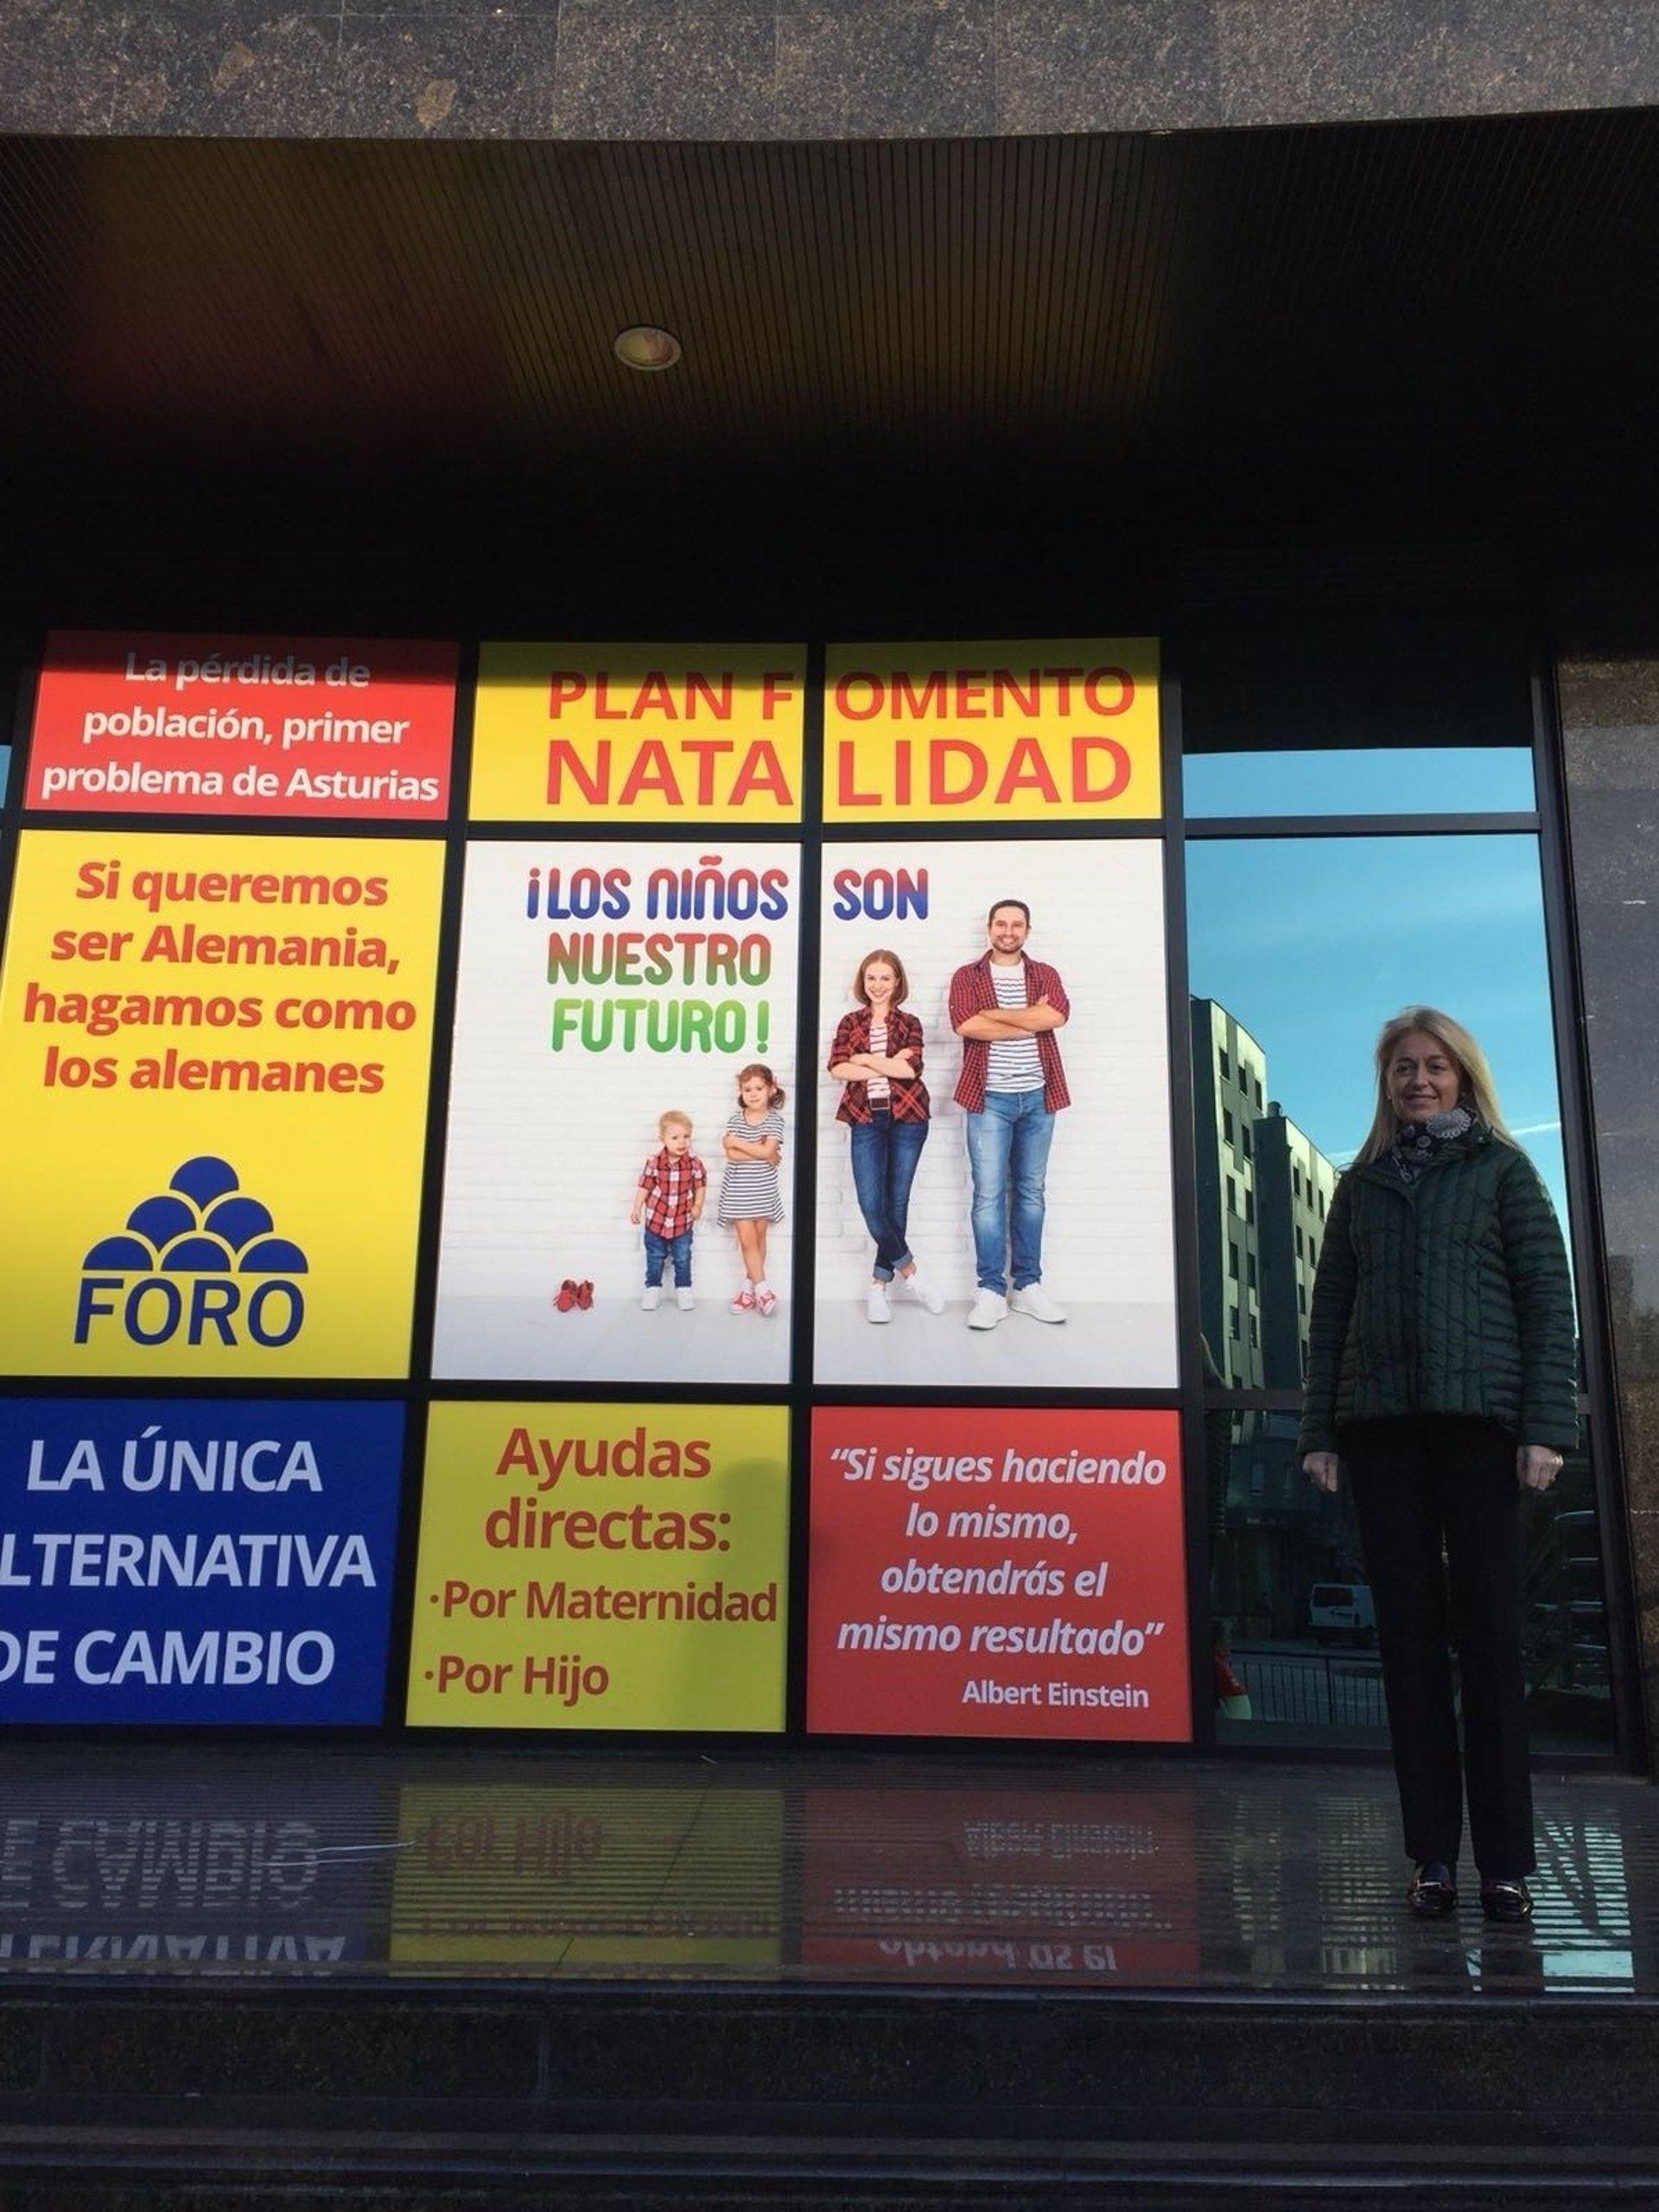 9fd72b8bf Foro propone dar 2.000 euros por nacimiento y 150 mensuales hasta que el  hijo cumpla 18 años